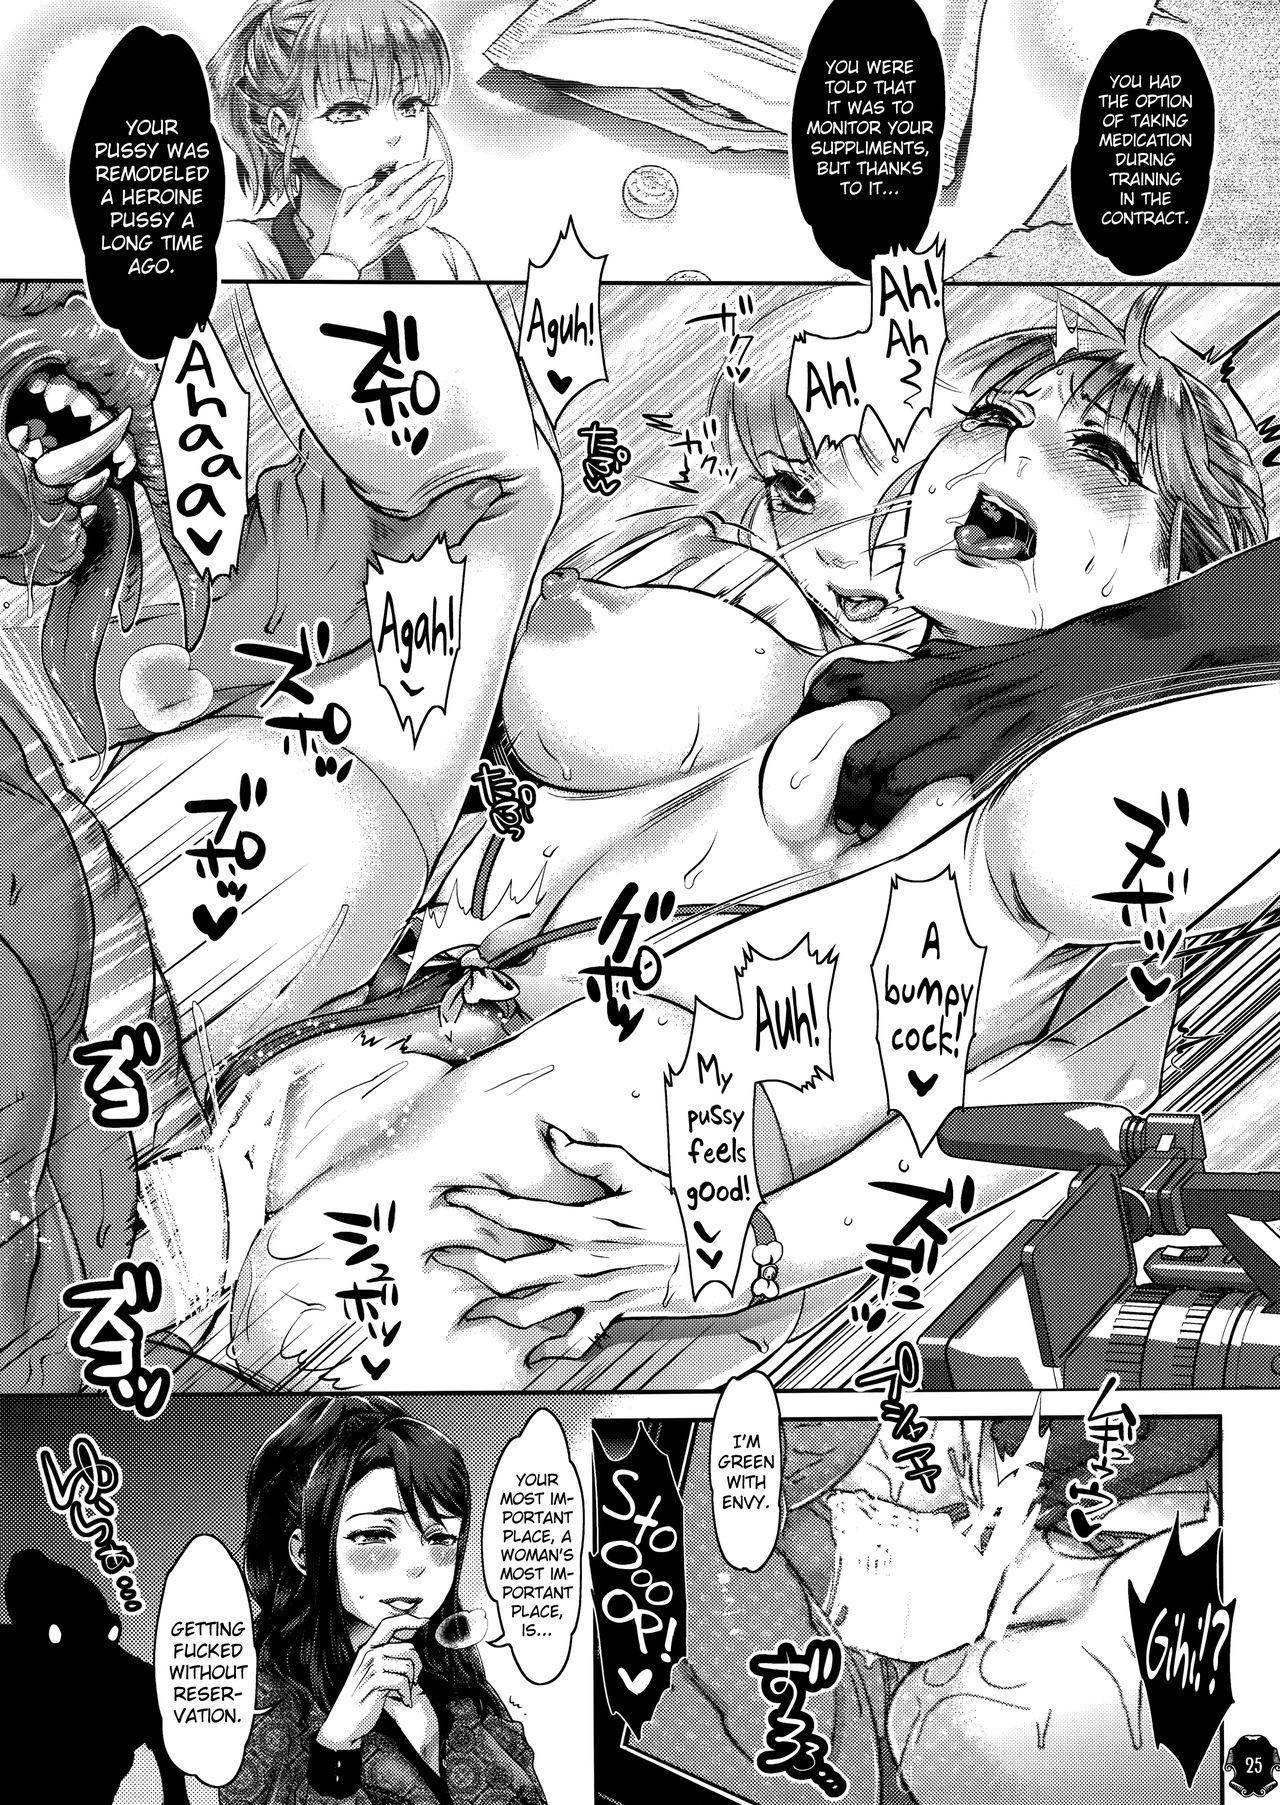 Heroine wa Tsukureru. 24